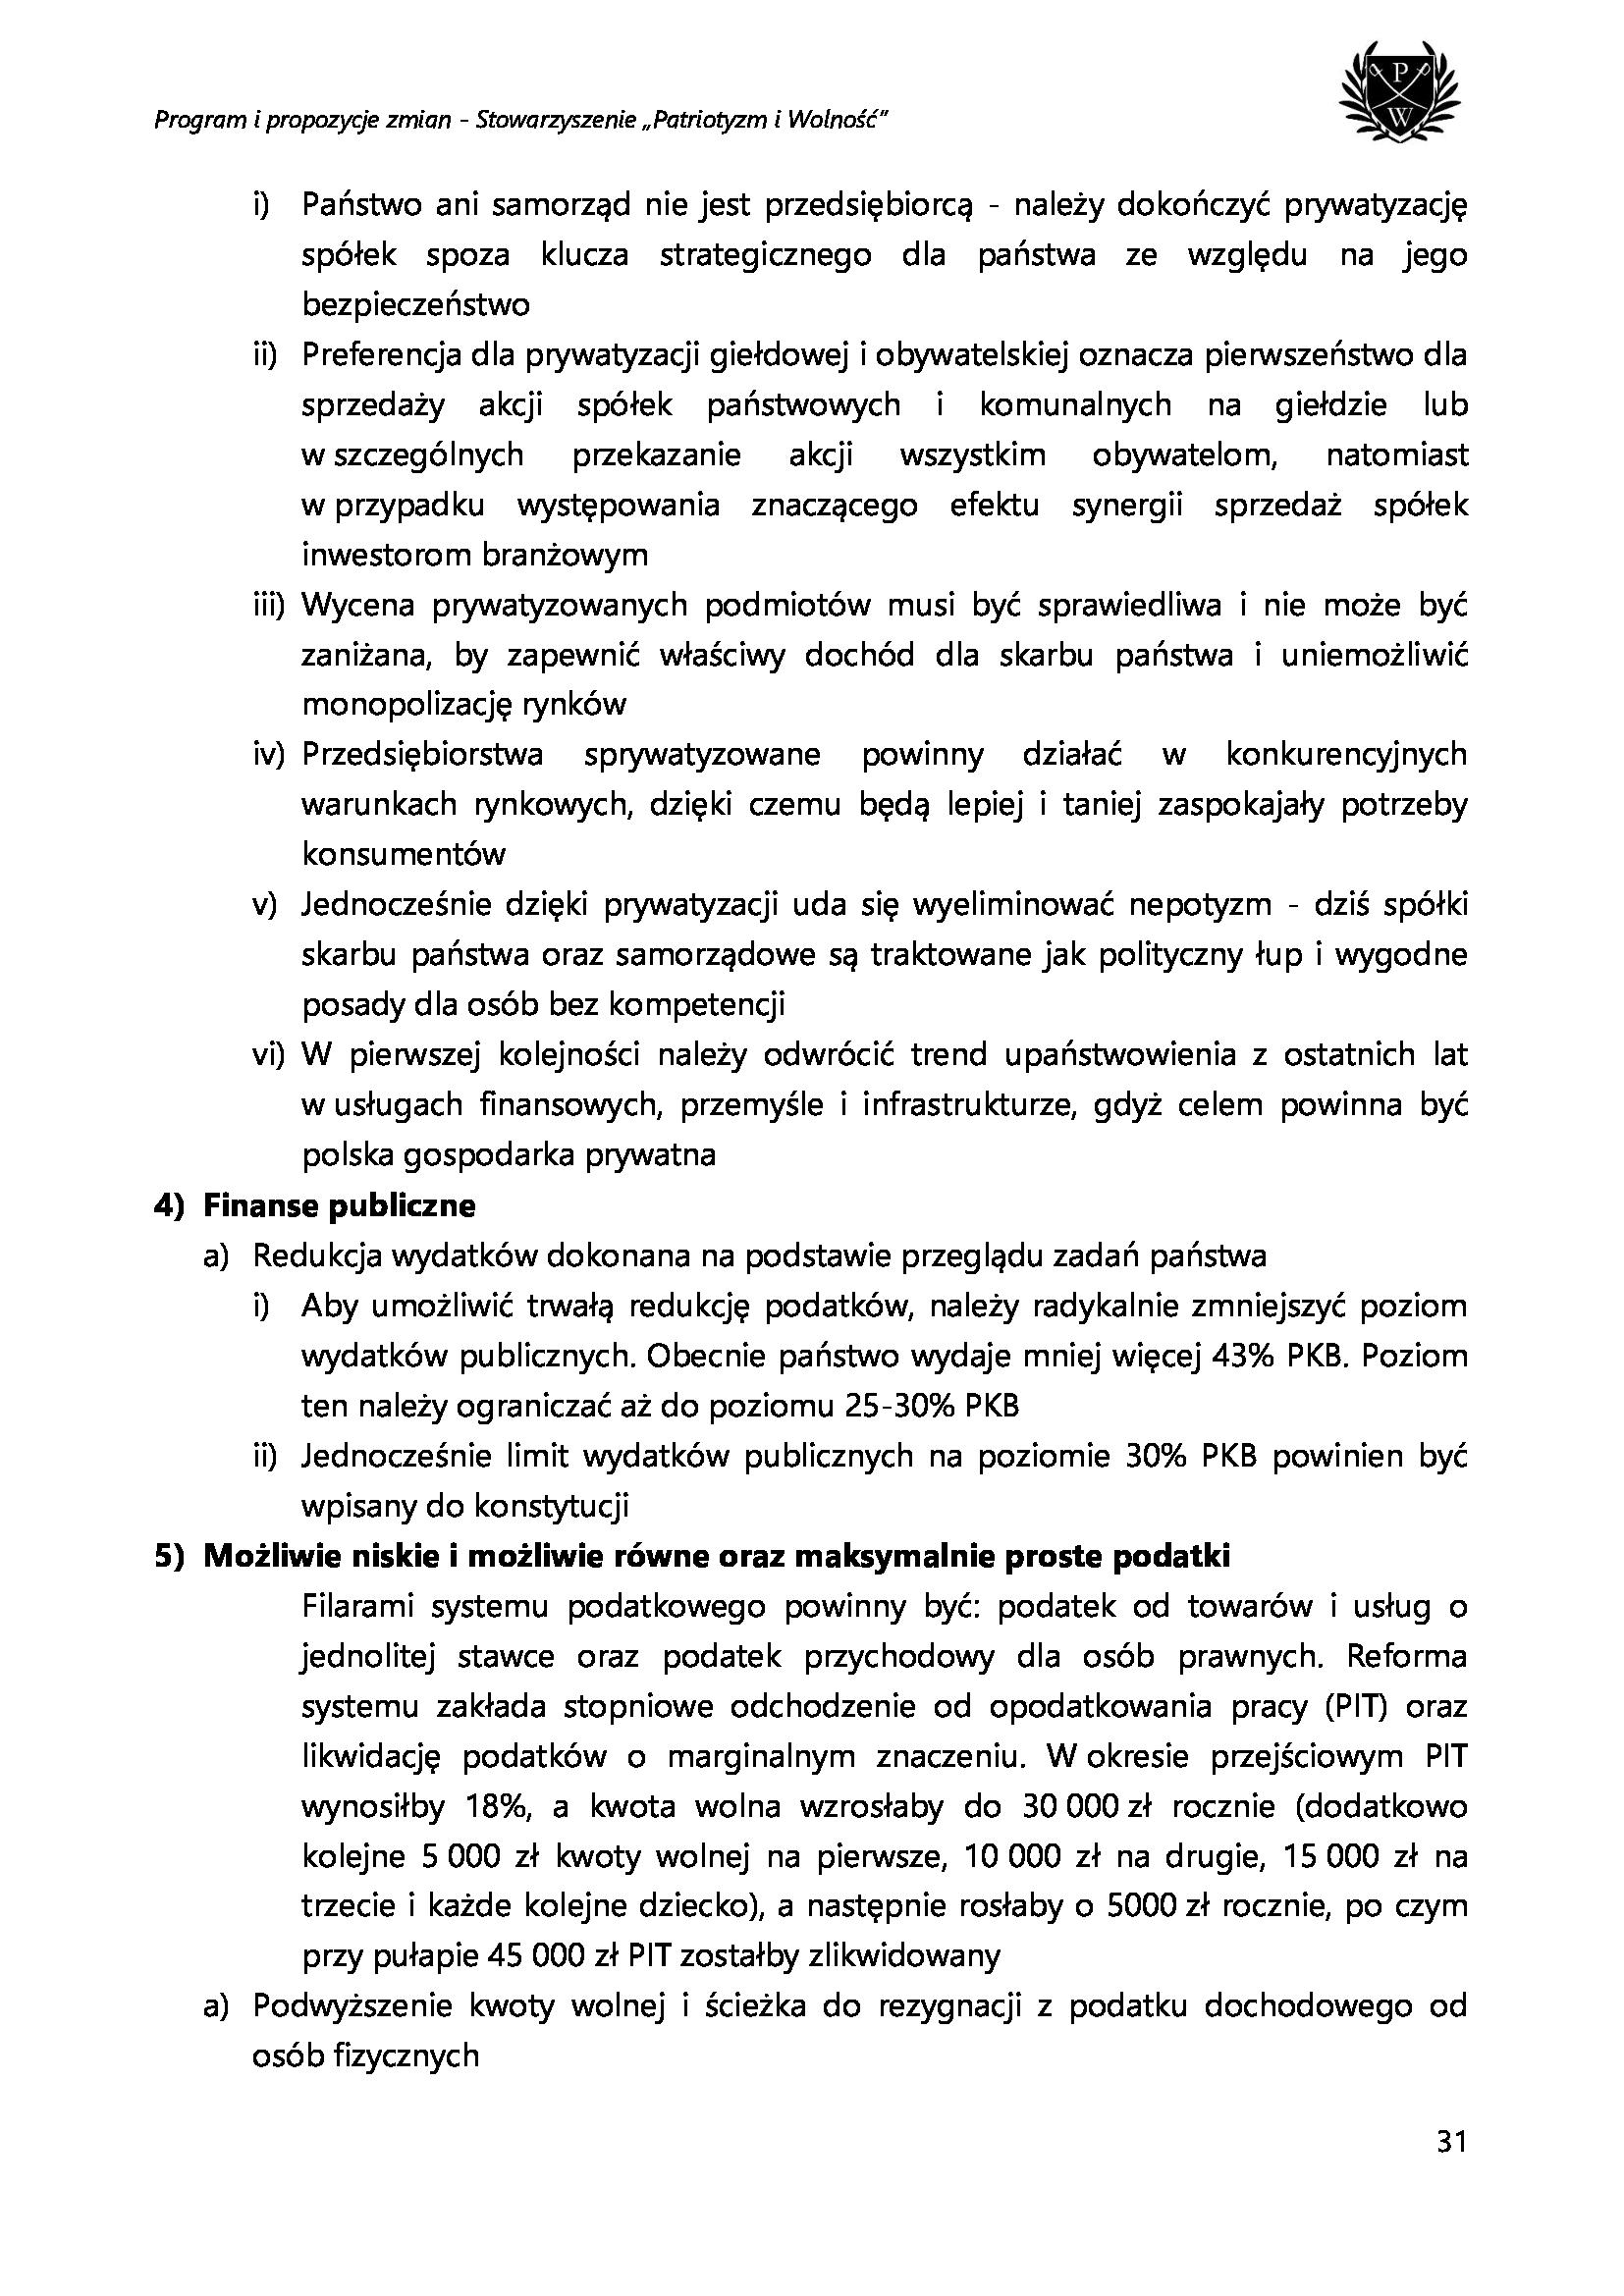 db9e272ef5a9a2e66d26f1905be6c507-31